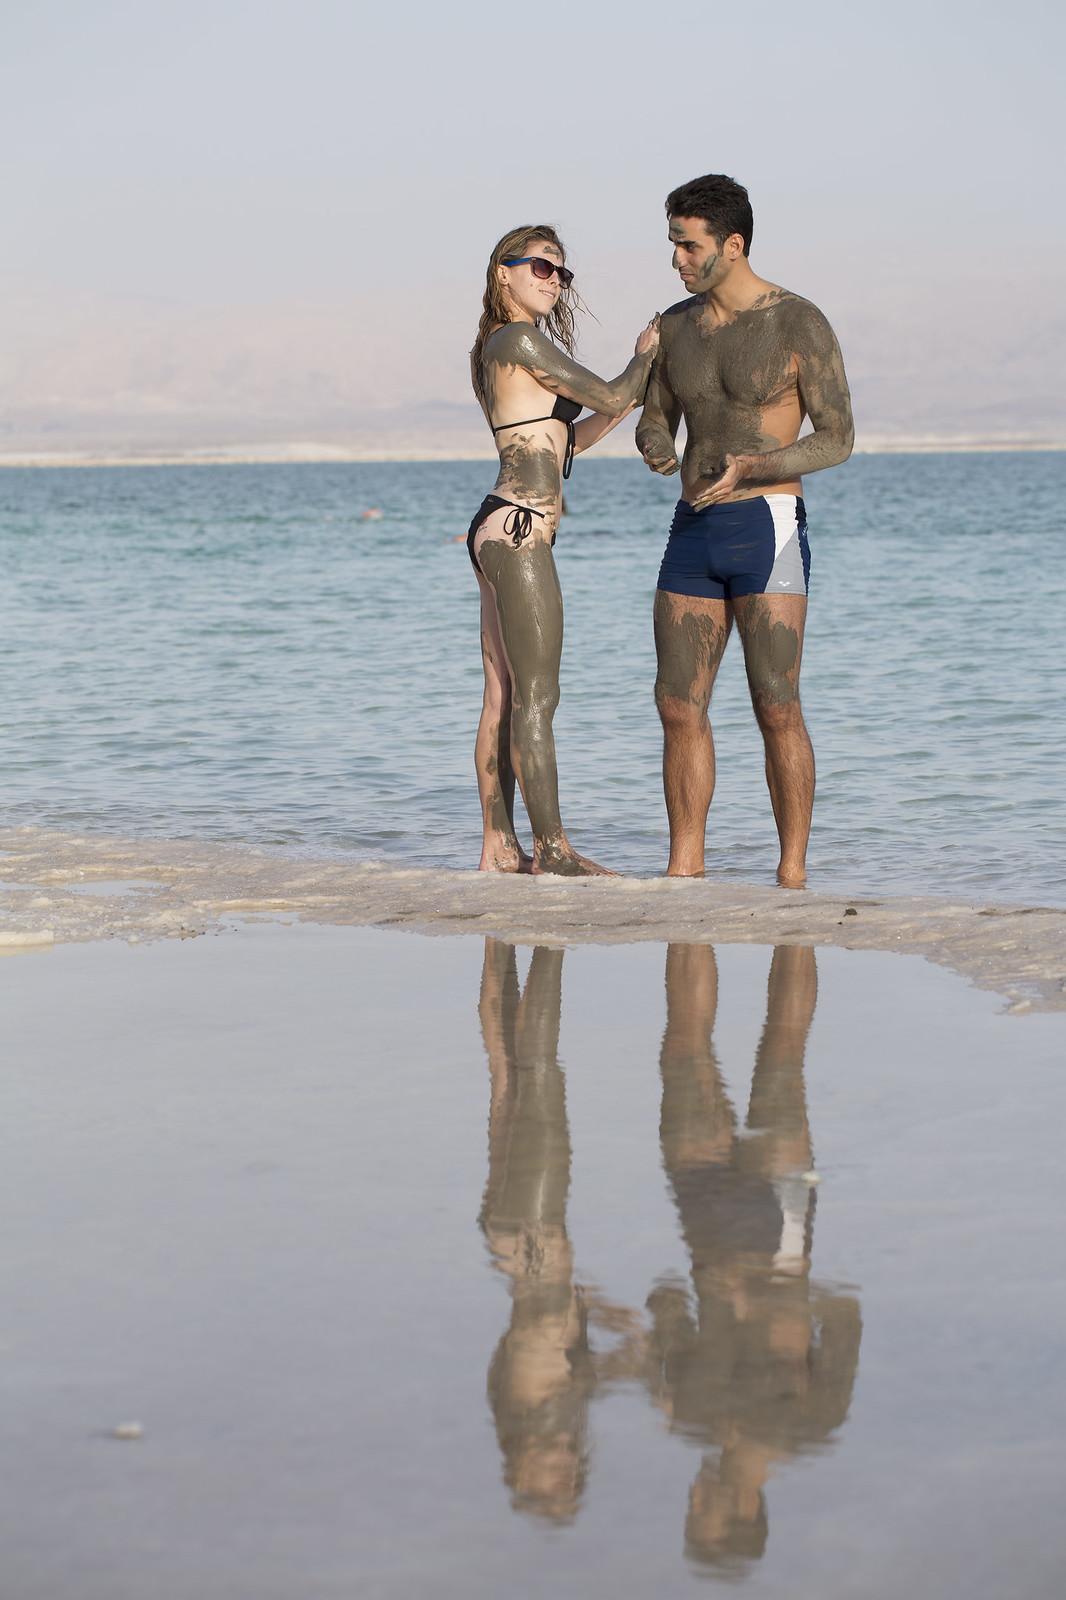 Dead Sea mud_6_DS12IG2809_Itamar Grinberg_IMOT